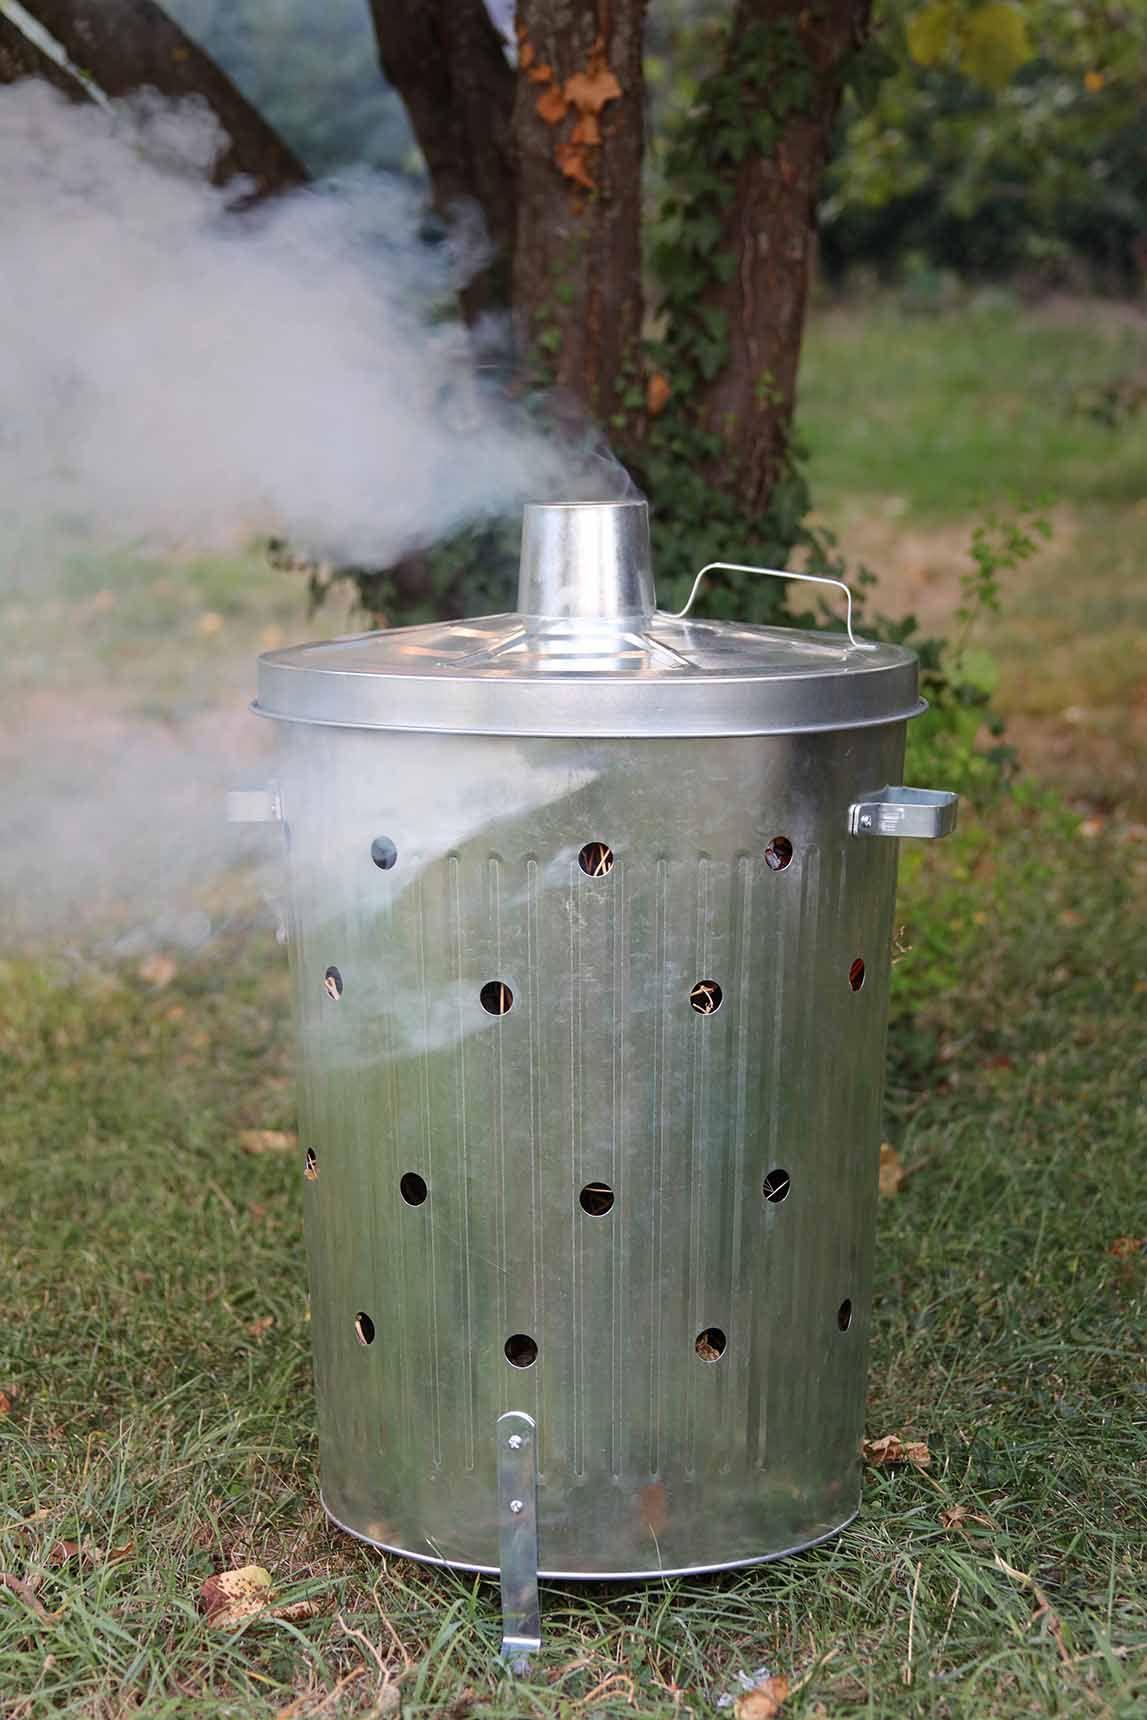 Brûlez Vos Déchets Verts Dans Votre #jardin En Toute ... concernant Incinerateur Jardin